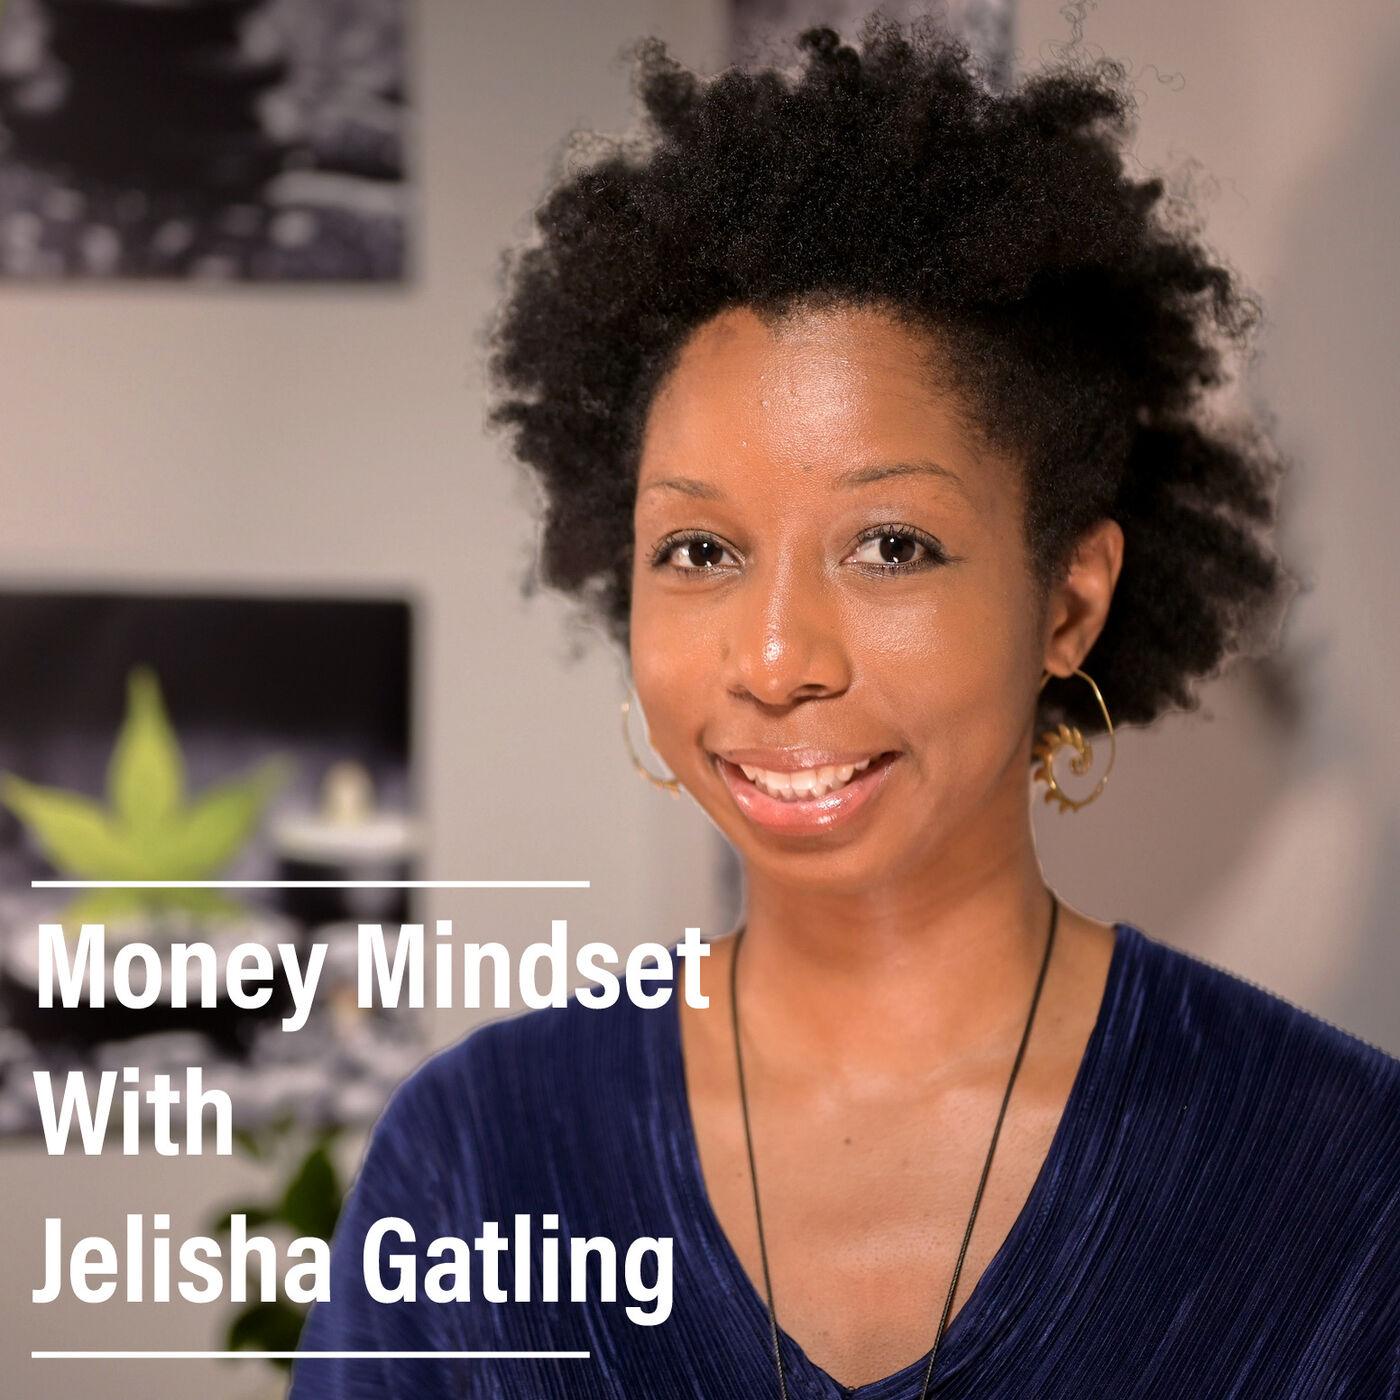 Money Mindset with Jelisha Gatling